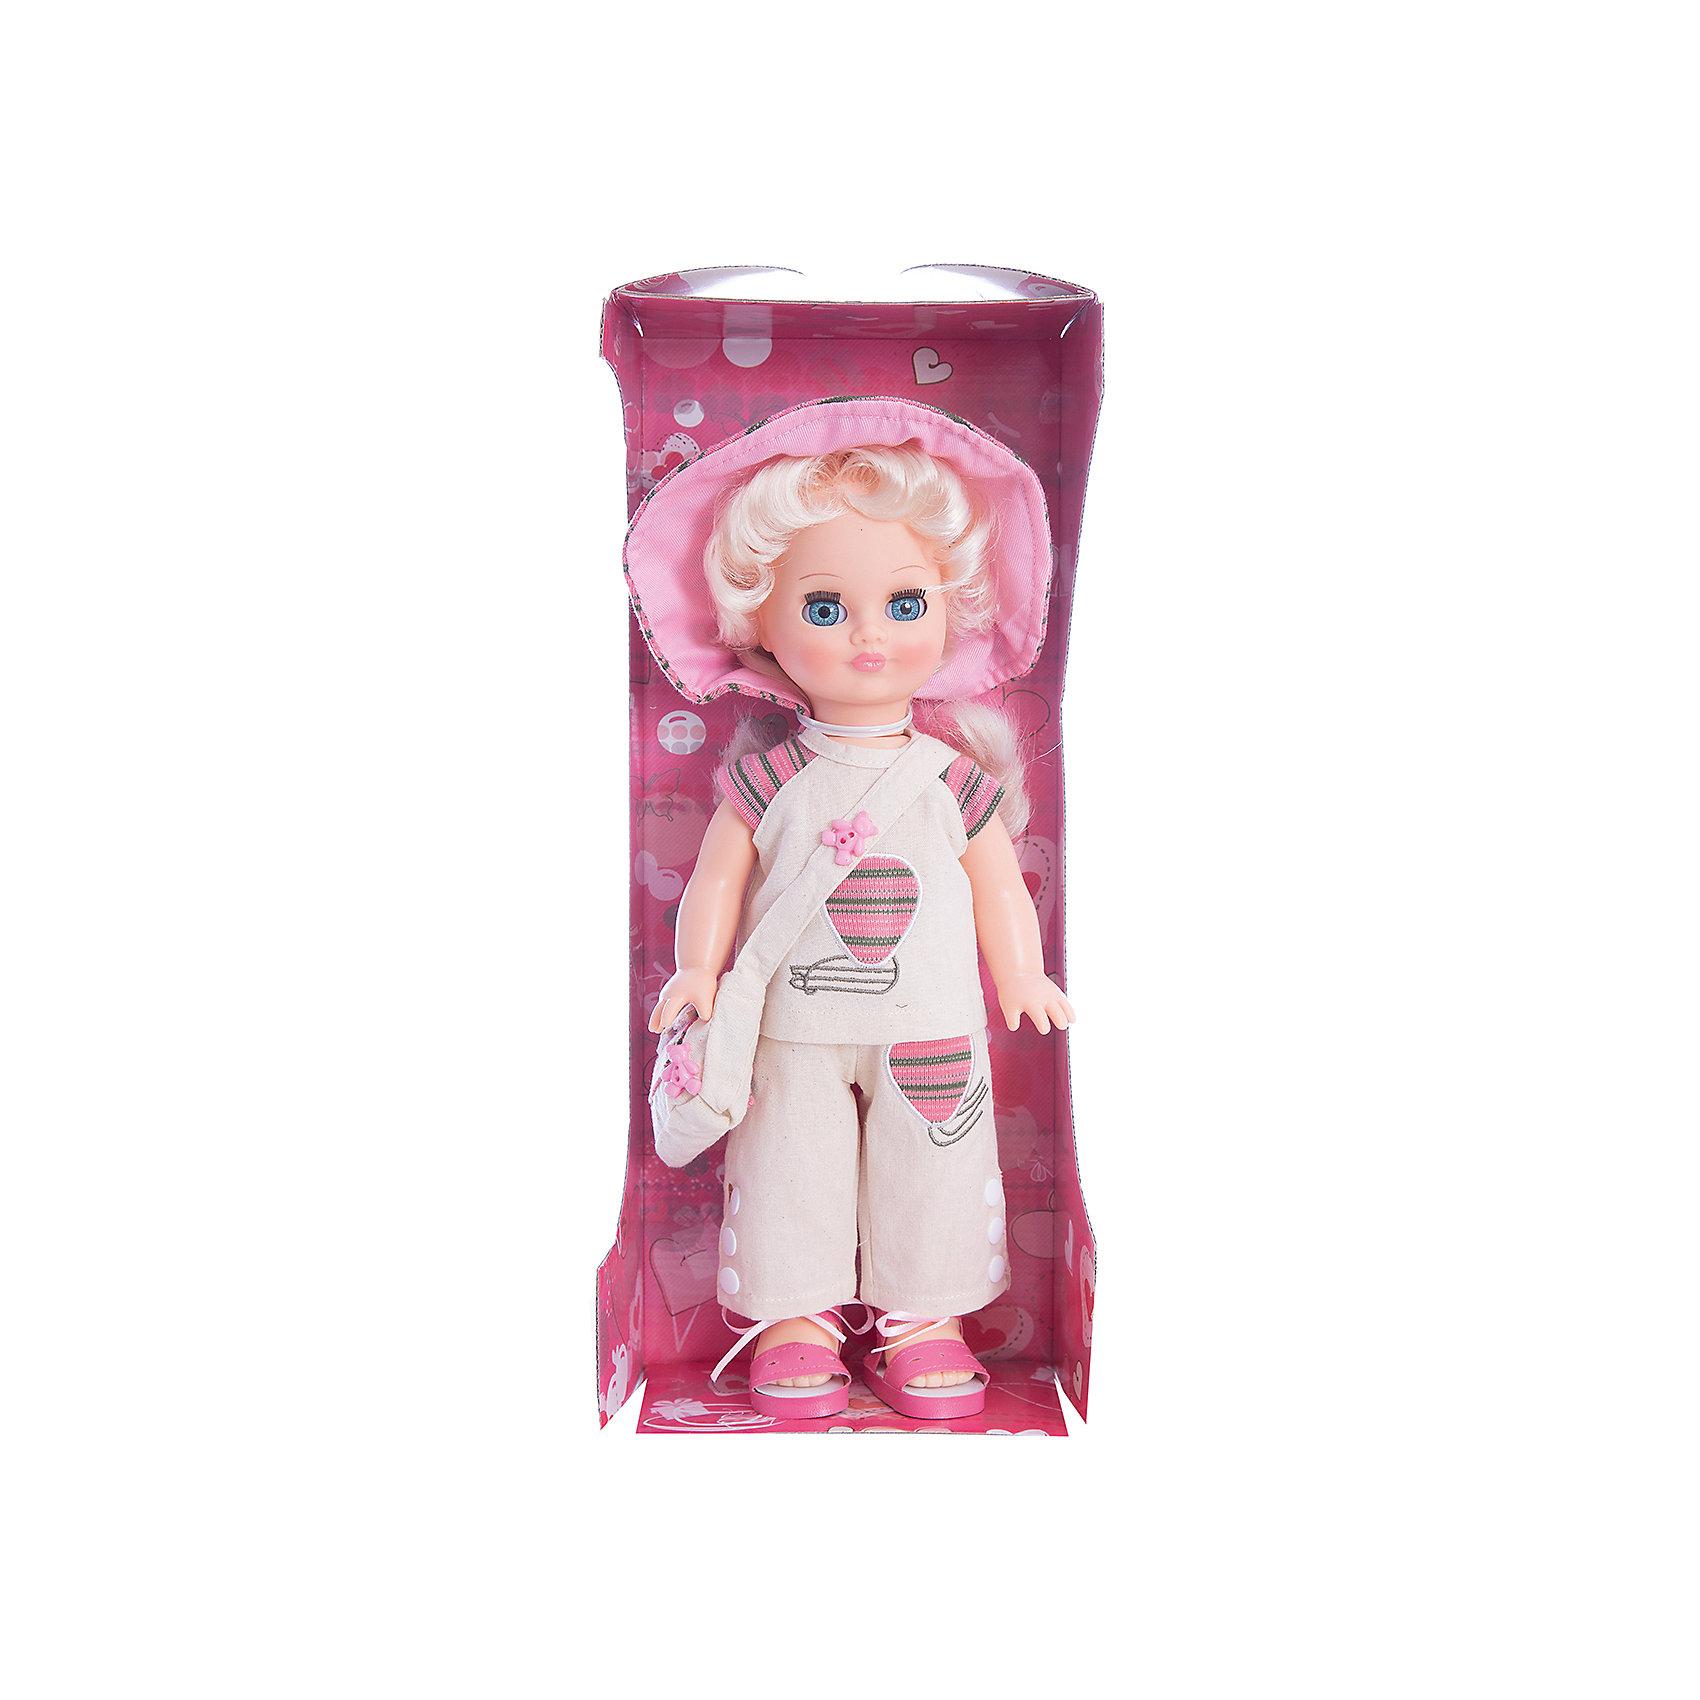 Кукла Элла 2 (пластмассовая), со звуком, 35,5 см, ВеснаИгрушки от компании Весна - это простой способ порадовать ребенка! Кукла для девочки - это не только игрушка, с которой можно весело провести время, кукла - это возможность отрабатывать навыки поведения в обществе, учиться заботе о других, делать прически и одеваться согласно моде и поводу.<br>Эта красивая классическая кукла не только эффектно выглядит, она дополнена звуковым модулем! Игрушка модно одета и снабжена аксессуарами. Такая кукла запросто может стать самой любимой игрушкой! Произведена из безопасных для ребенка и качественных материалов.<br><br>Дополнительная информация:<br><br>цвет: разноцветный;<br>материал: пластик, текстиль;<br>комплектация: кукла, одежда, аксессуары;<br>высота: 35,5 см.<br><br>Куклу Элла 2 (пластмассовая), со звуком, 35,5 см, от компании Весна можно купить в нашем магазине.<br><br>Ширина мм: 170<br>Глубина мм: 100<br>Высота мм: 420<br>Вес г: 350<br>Возраст от месяцев: 36<br>Возраст до месяцев: 120<br>Пол: Женский<br>Возраст: Детский<br>SKU: 4642016